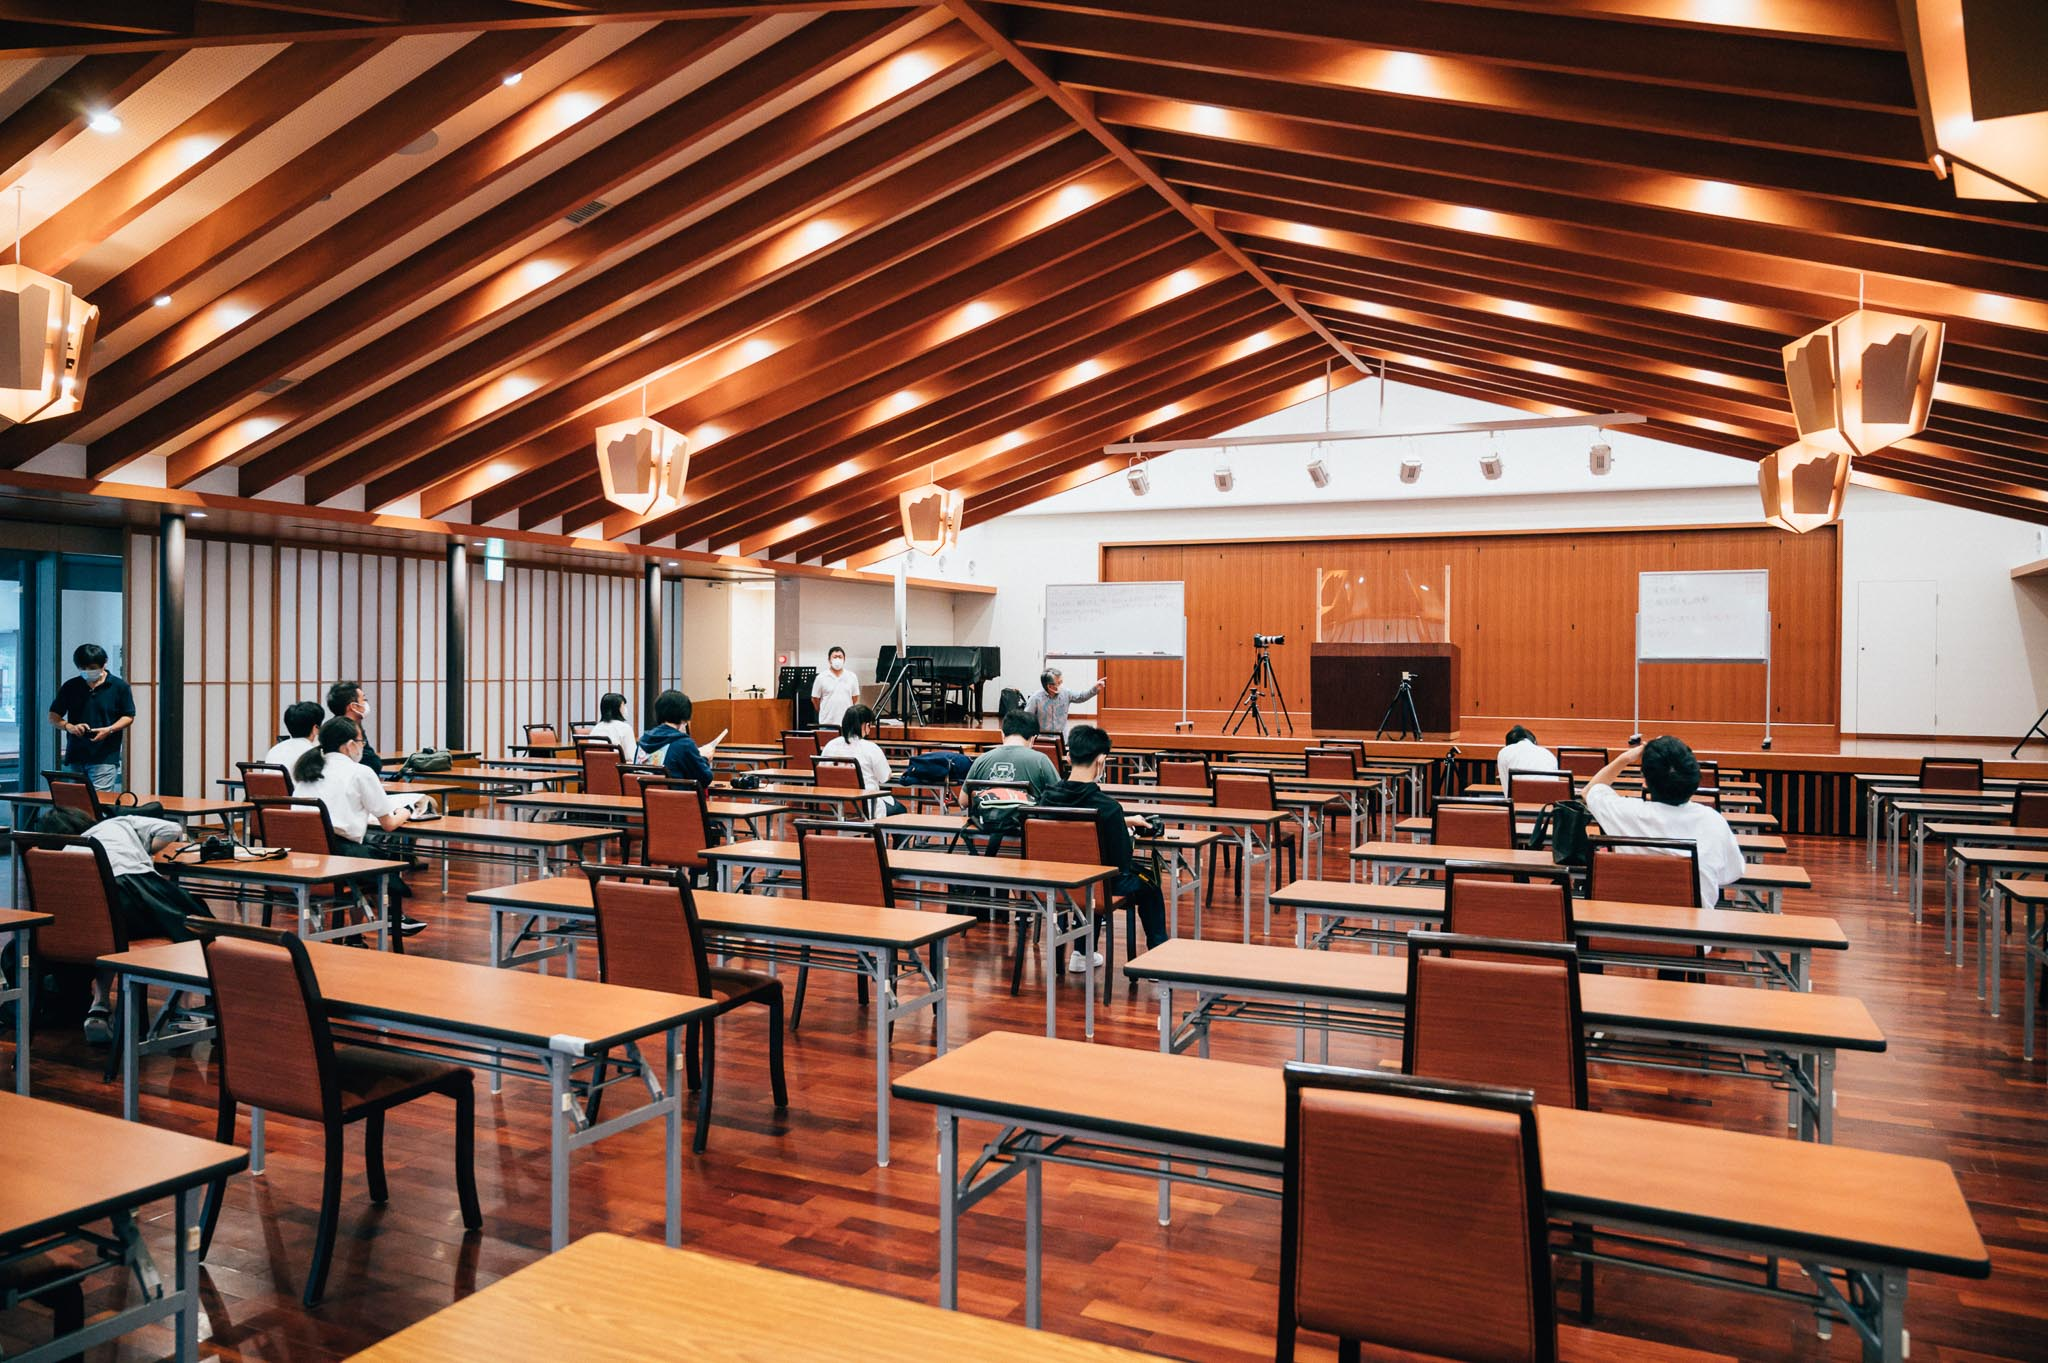 2021.08.19三重県高校写真連盟撮影技術講習会